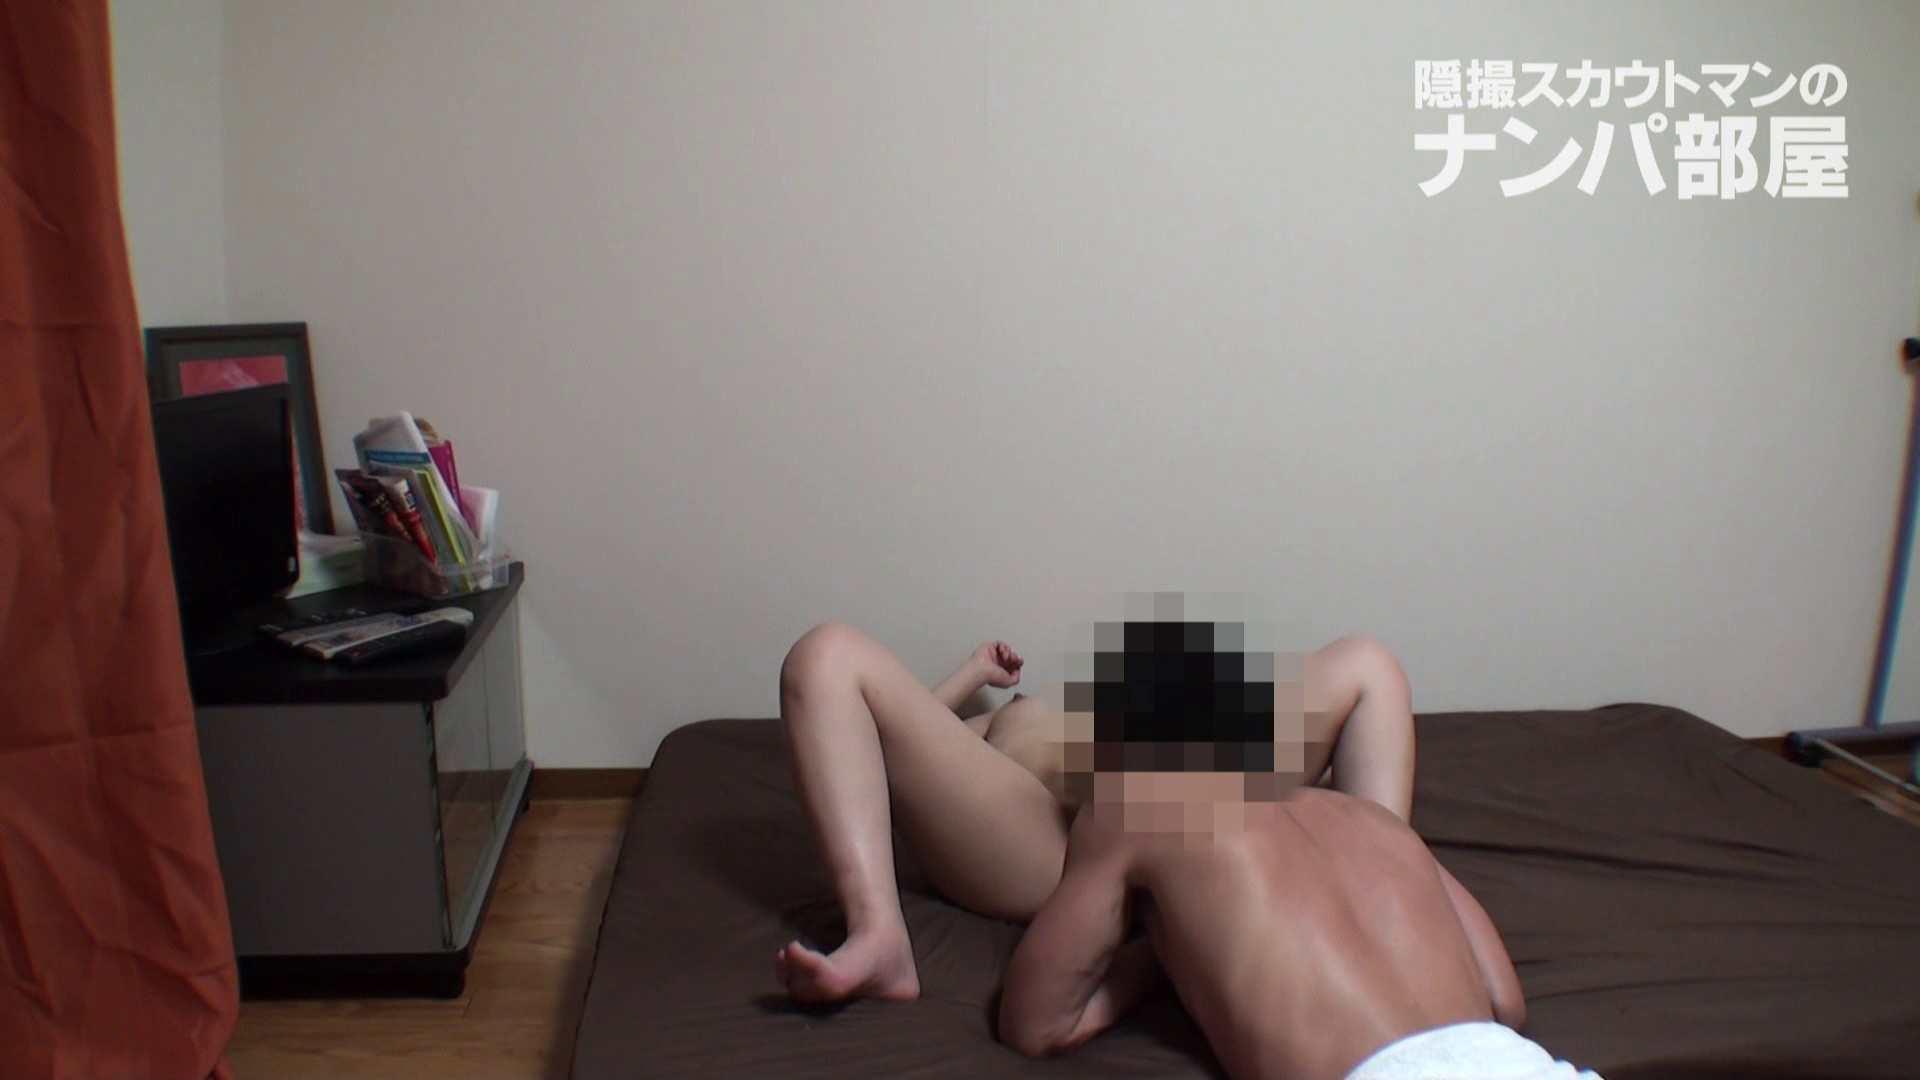 kana 脱衣所 | フェラ動画  112画像 16